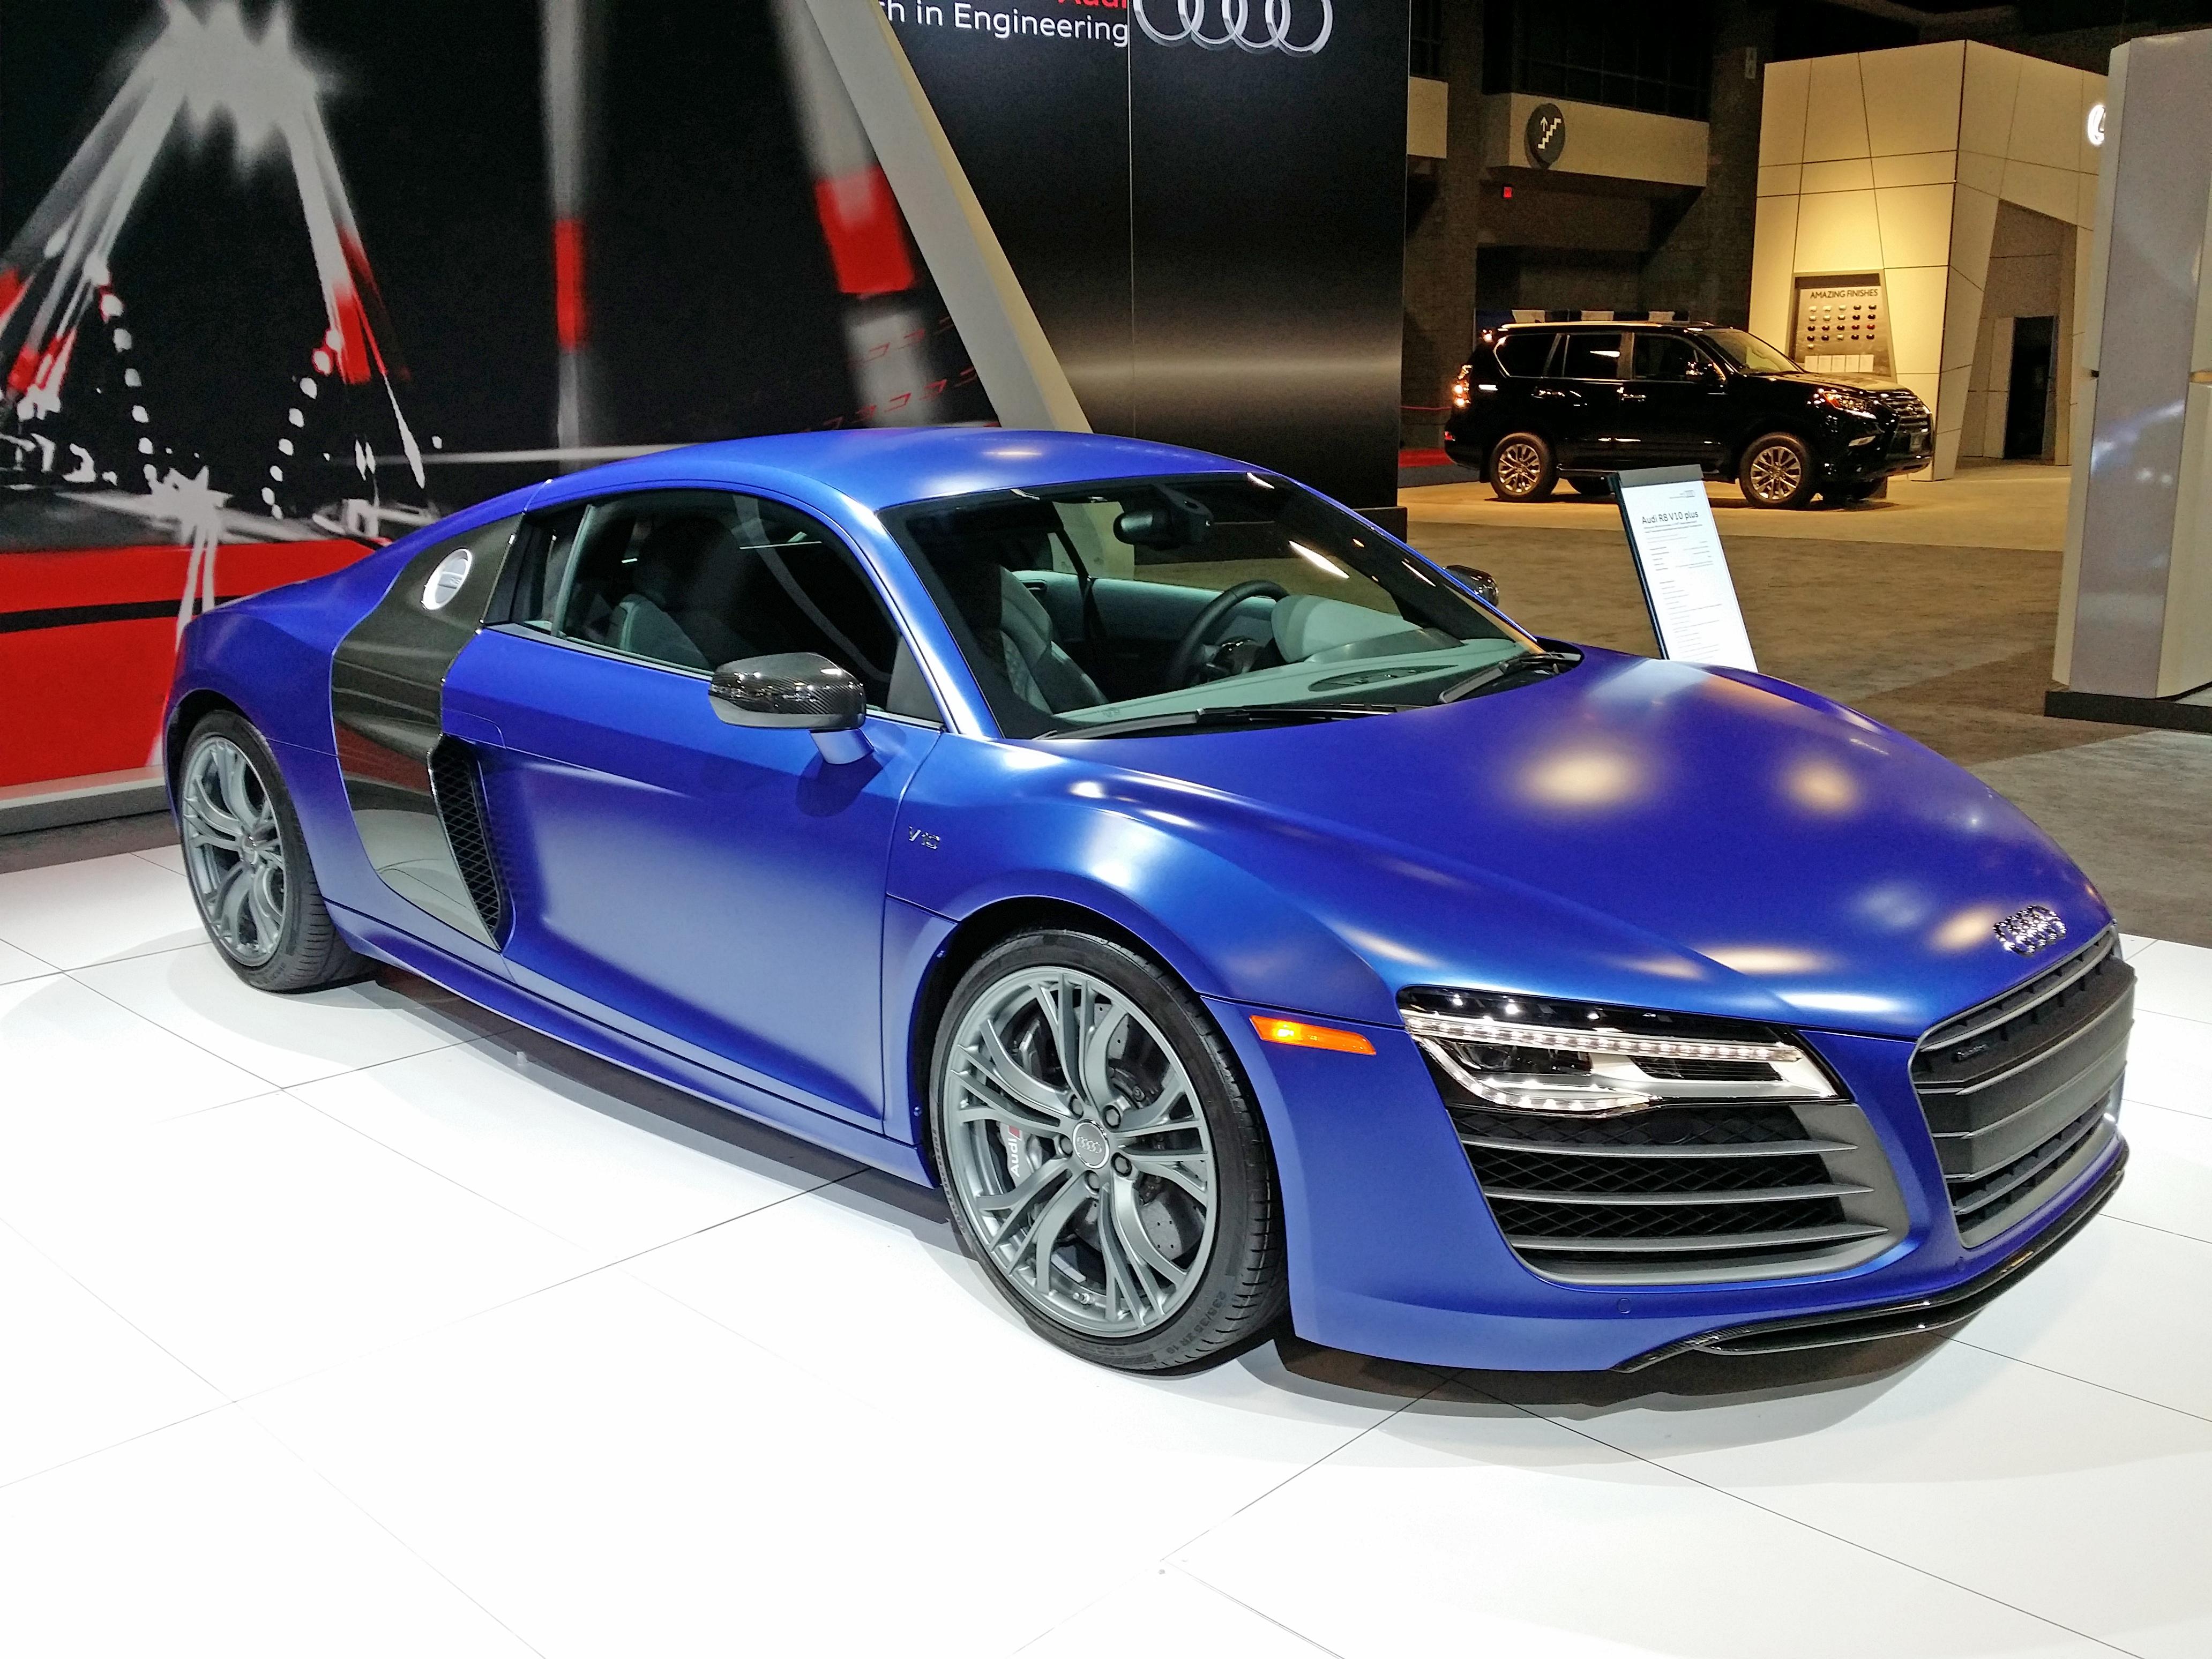 קובץ:2014 Audi R8 V10 plus.jpg – ויקיפדיה